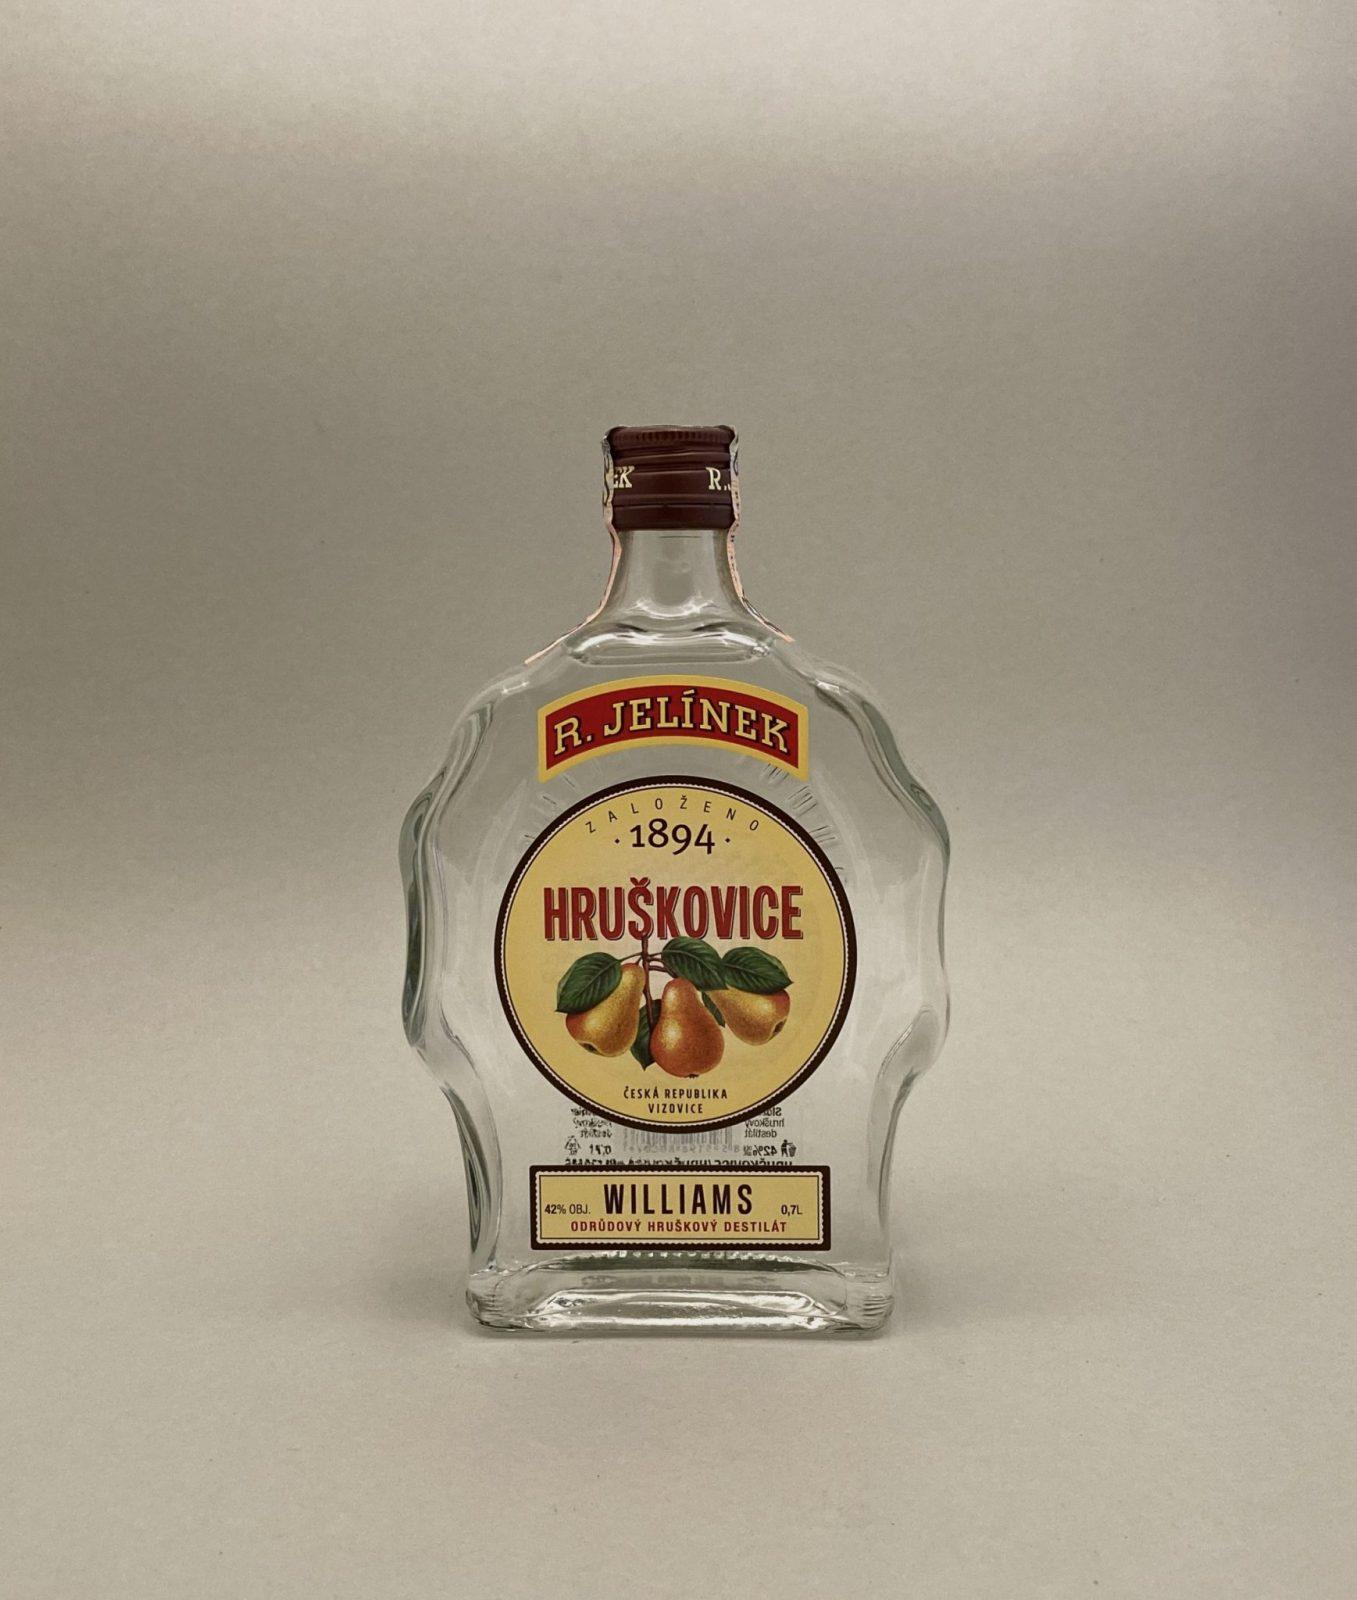 R. Jelínek Hruškovica Williams 42%, Bottleshop Sunny wines slnecnice mesto, petrzalka, destiláty, rozvoz alkoholu, eshop